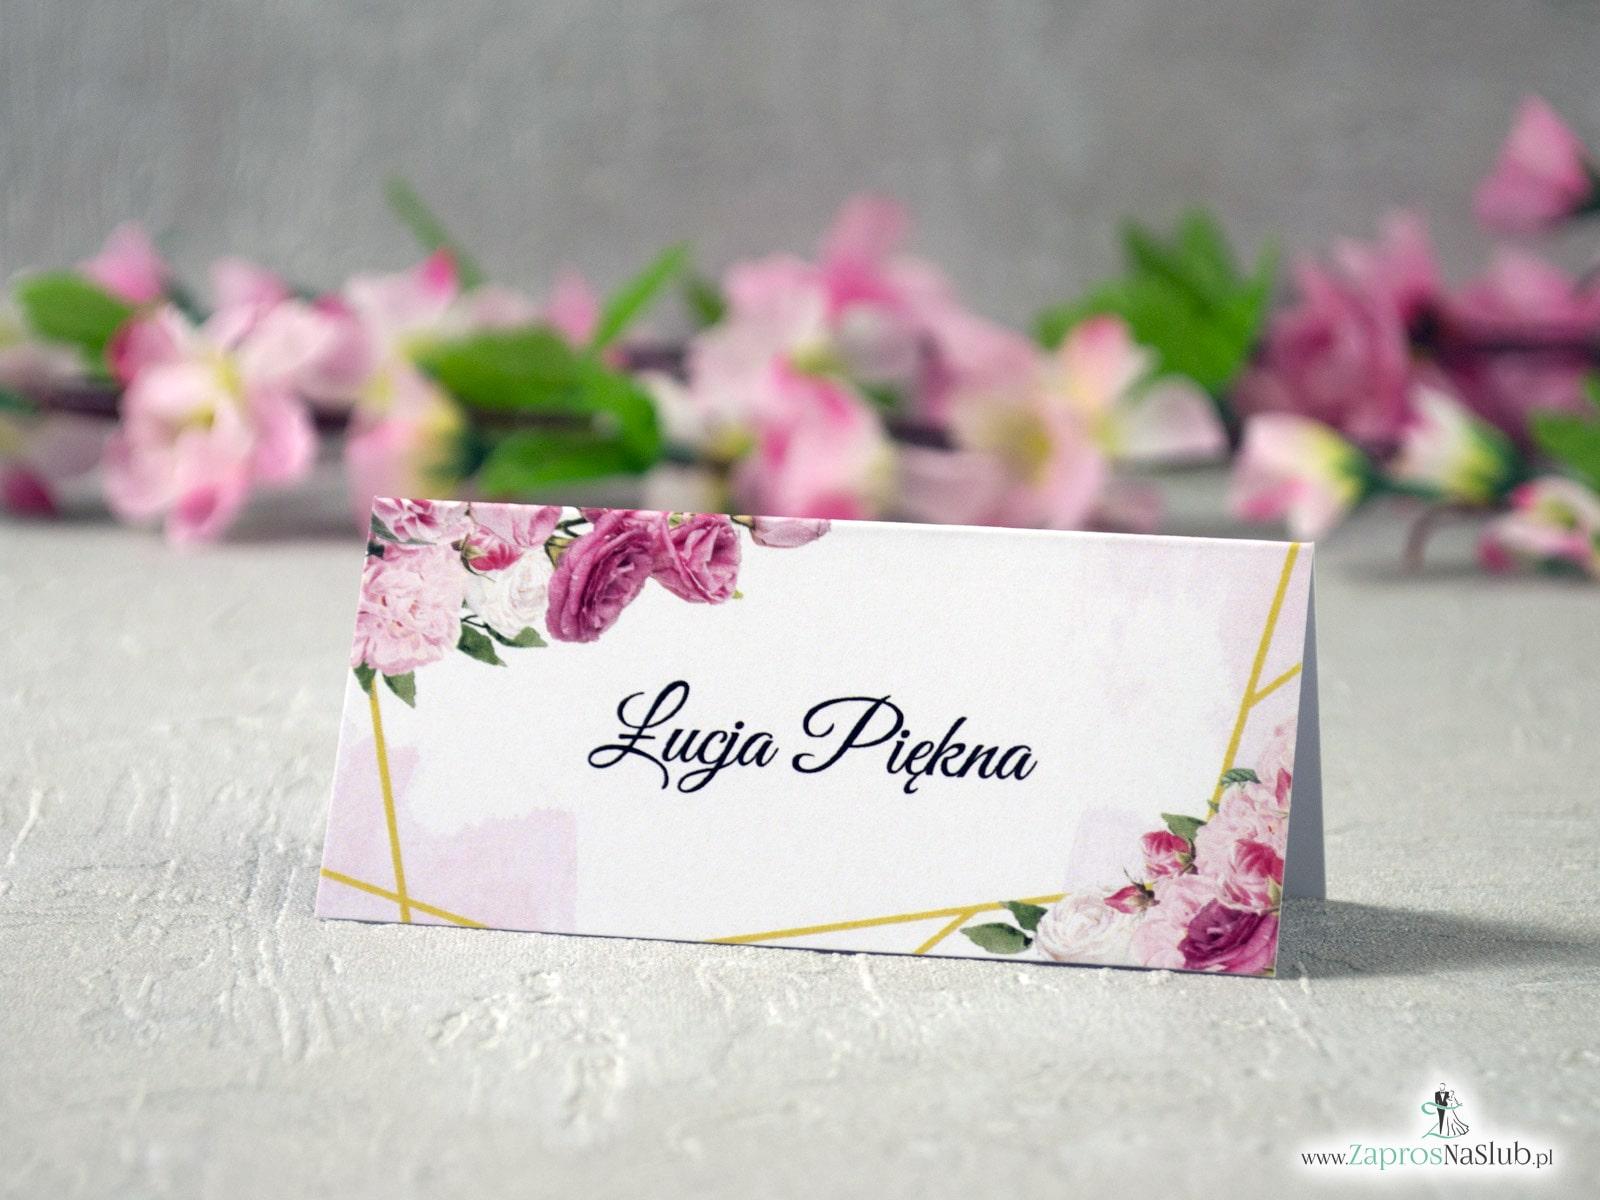 Winietki ślubna na stół z różowymi kwiatami, złotymi liniami i delikatnym tłem, geometryczne. WIN-131  - Zaproszenia ślubne ZaprosNaSlub